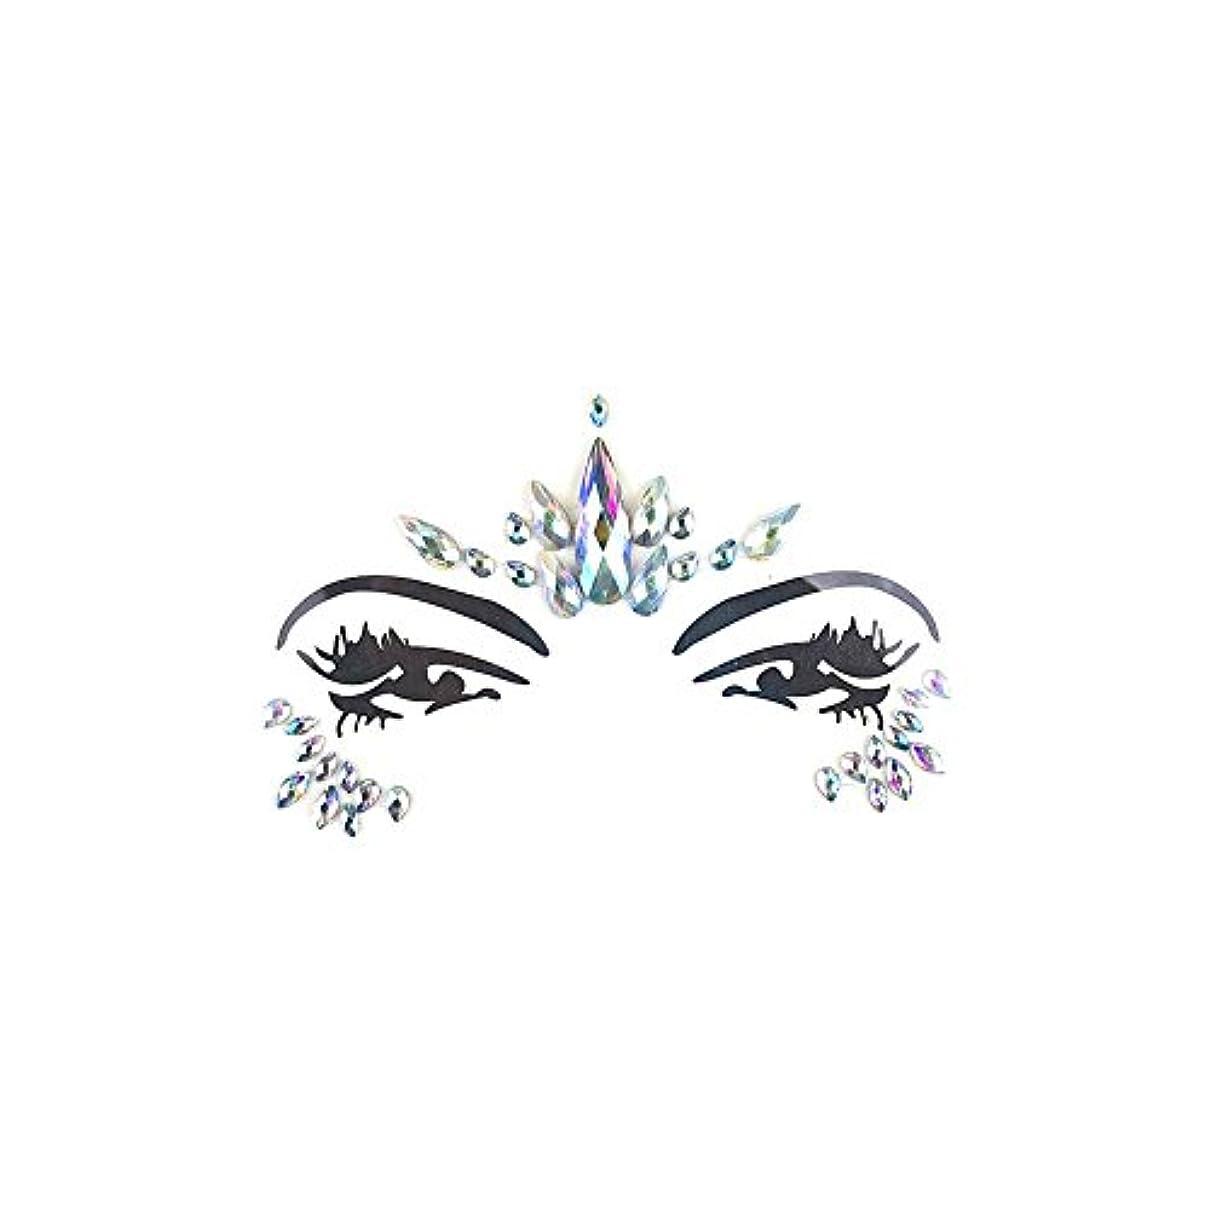 ハロウィン列車注釈SILUN フェイスダイヤモンドステッカー一時的 宝石 キラキラ 環境 優しい樹脂クリスタルラインストーンフェイスステッカー音楽祭 ホリデーパーティーダンス眉フェイス接着剤